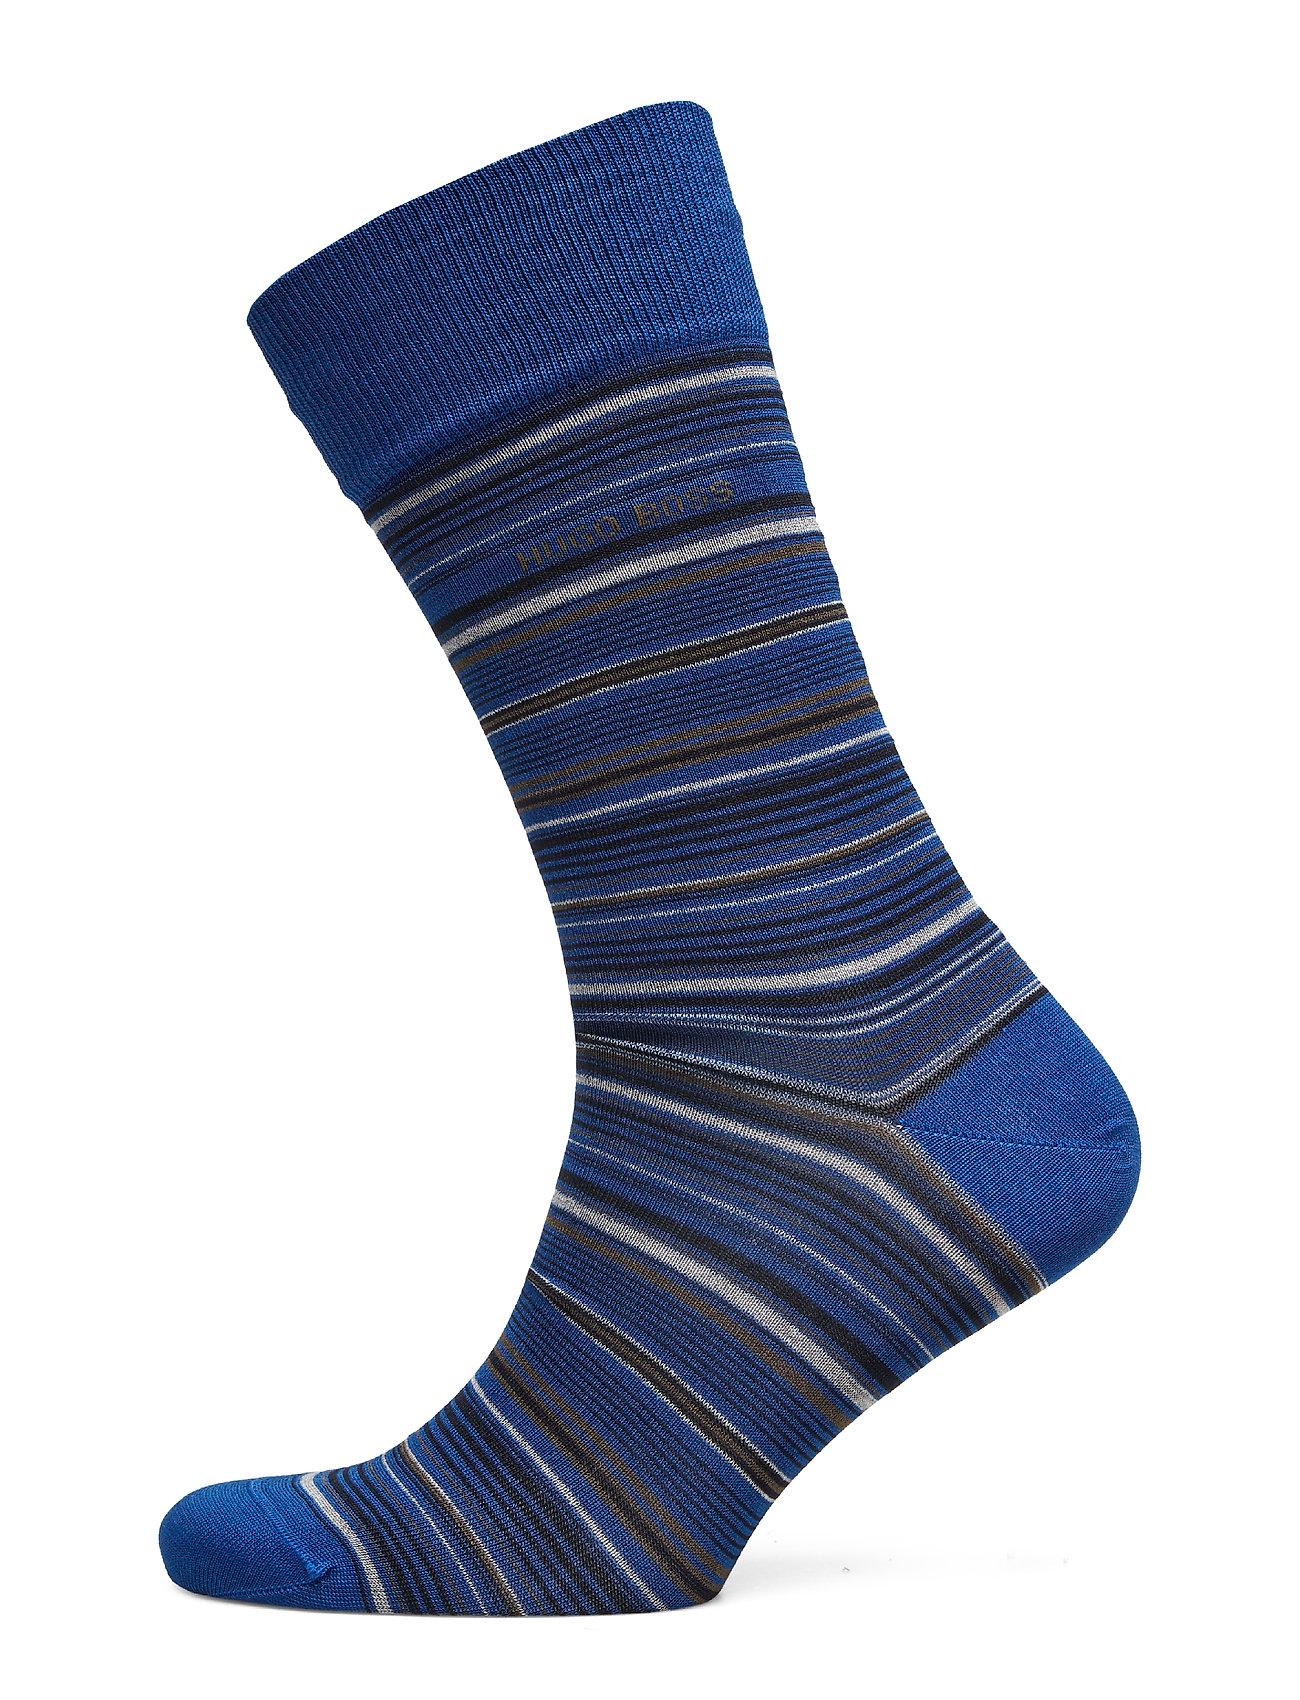 BOSS Business Wear RS Multistripe MC - OPEN BLUE